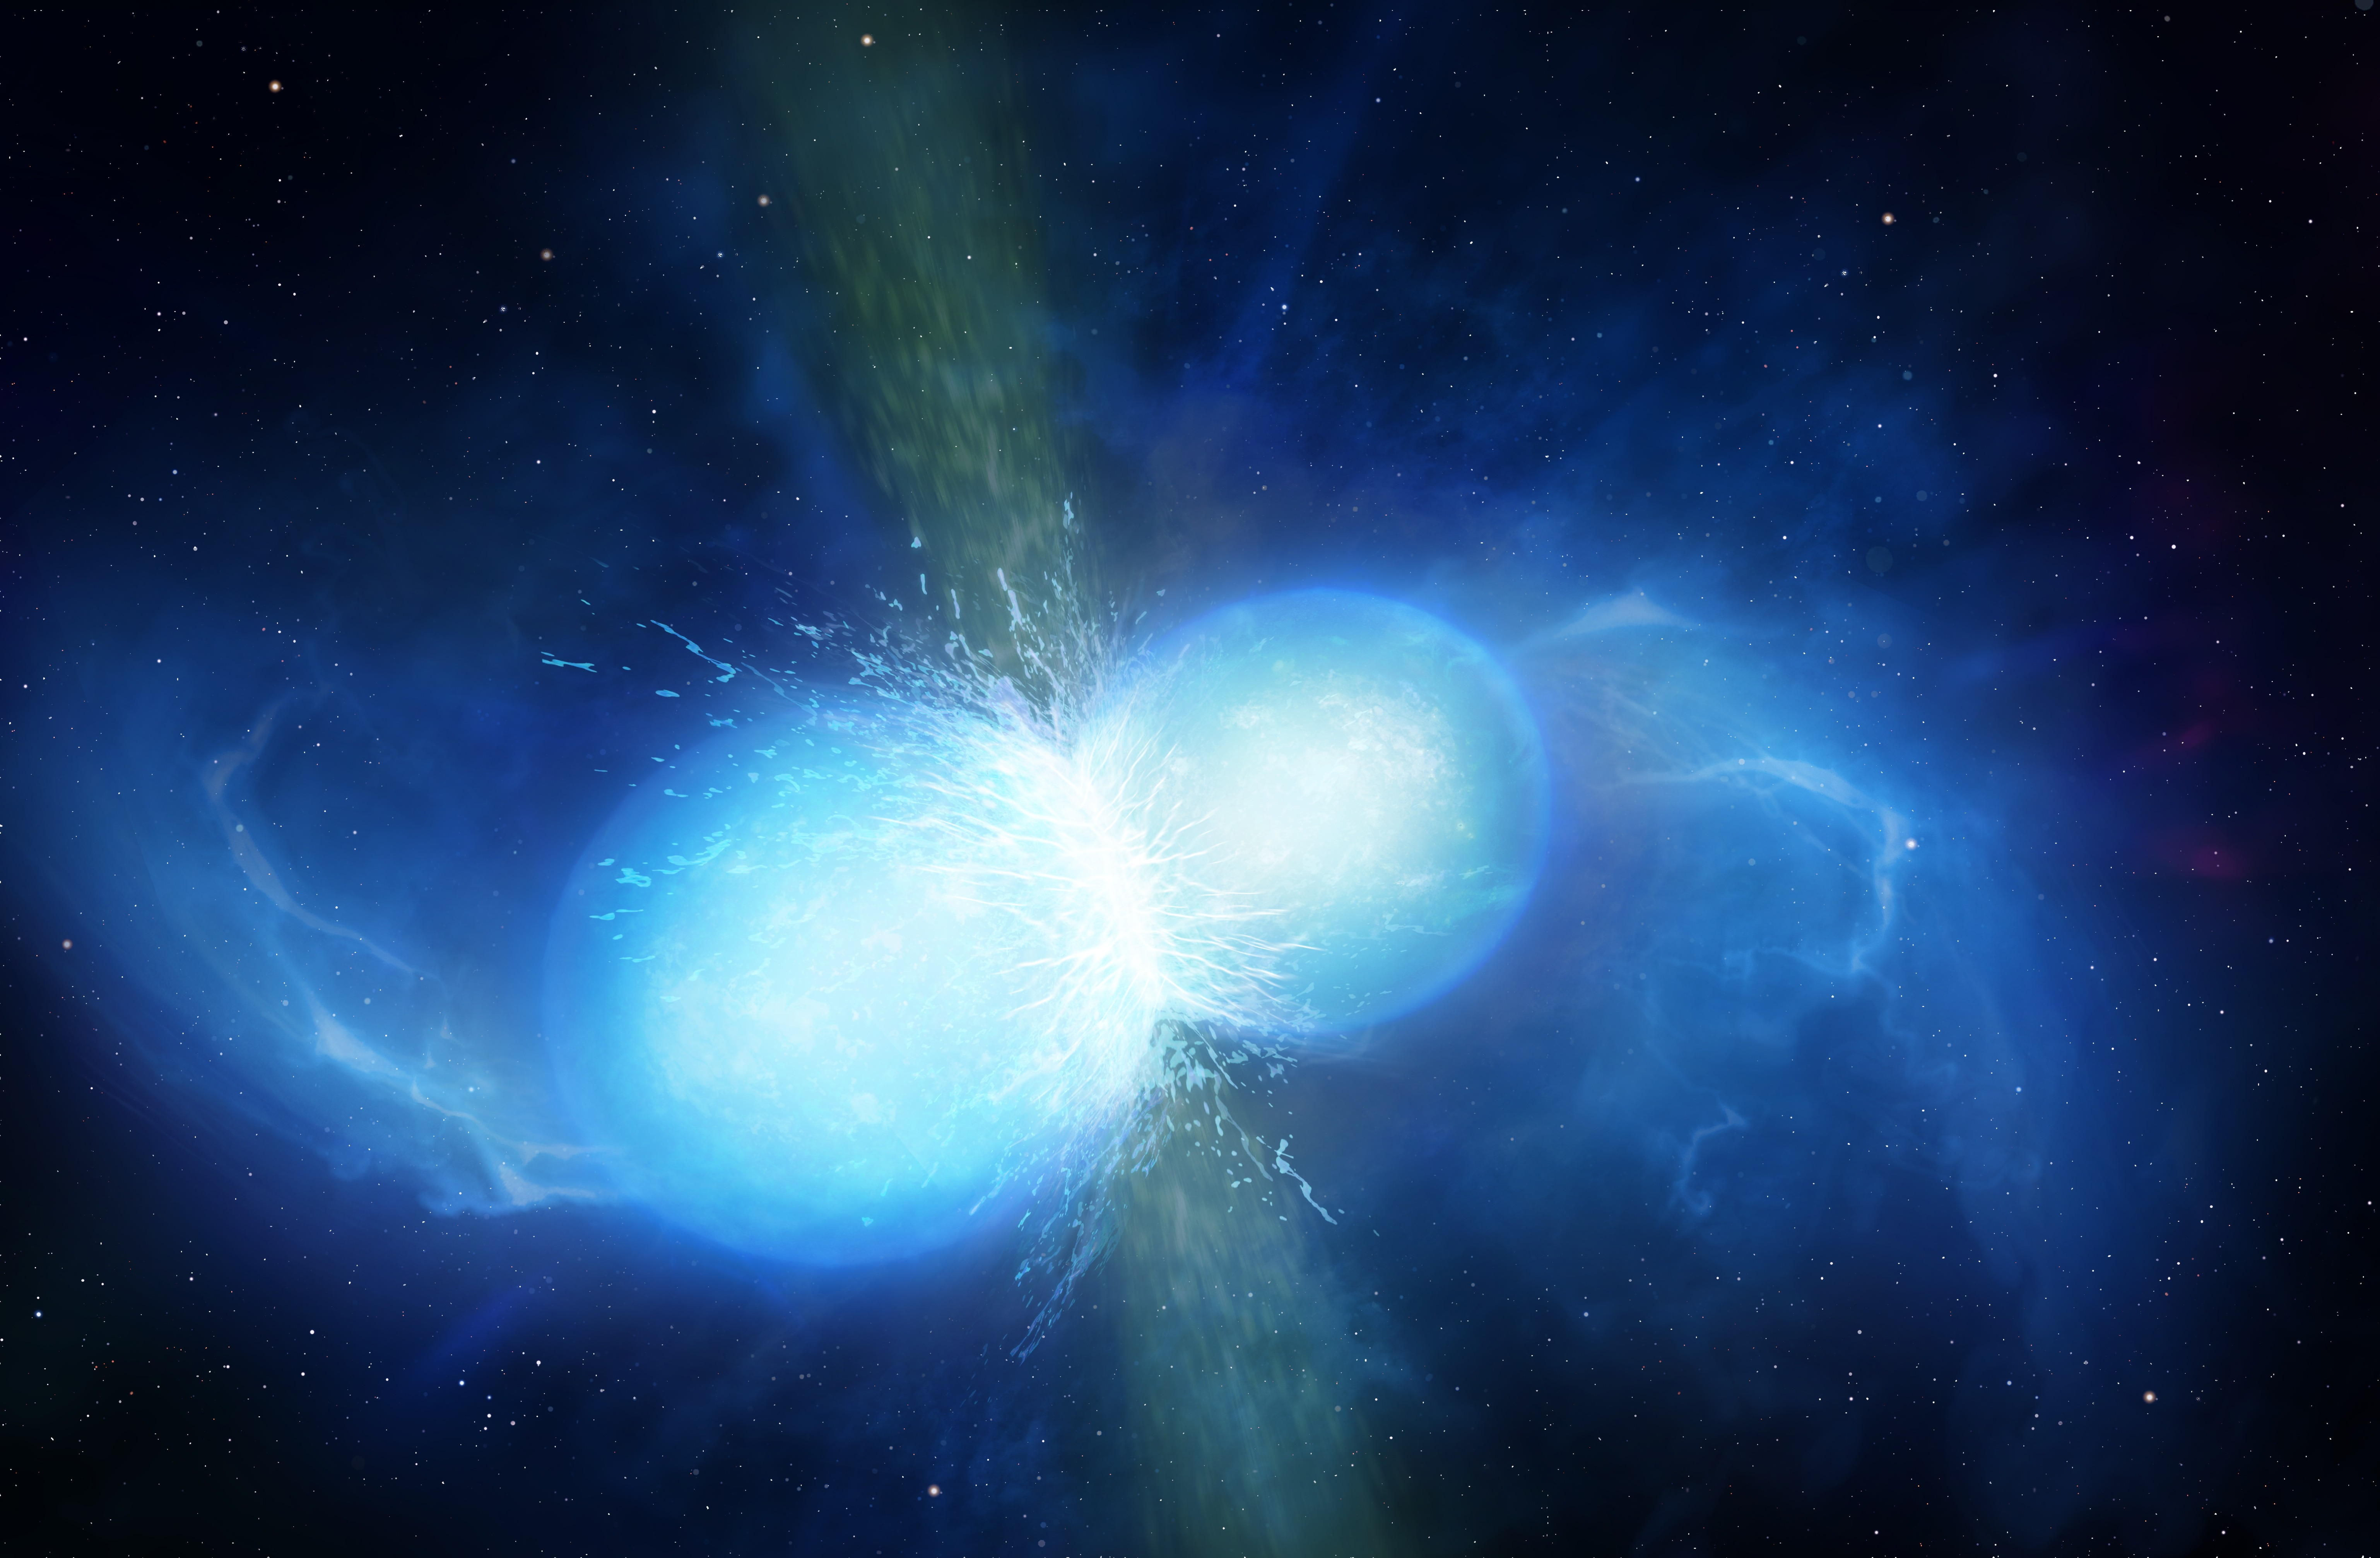 Nagyon távoli galaxisból érkező, rejtélyes rádióhullámok tartják lázban a csillagászokat